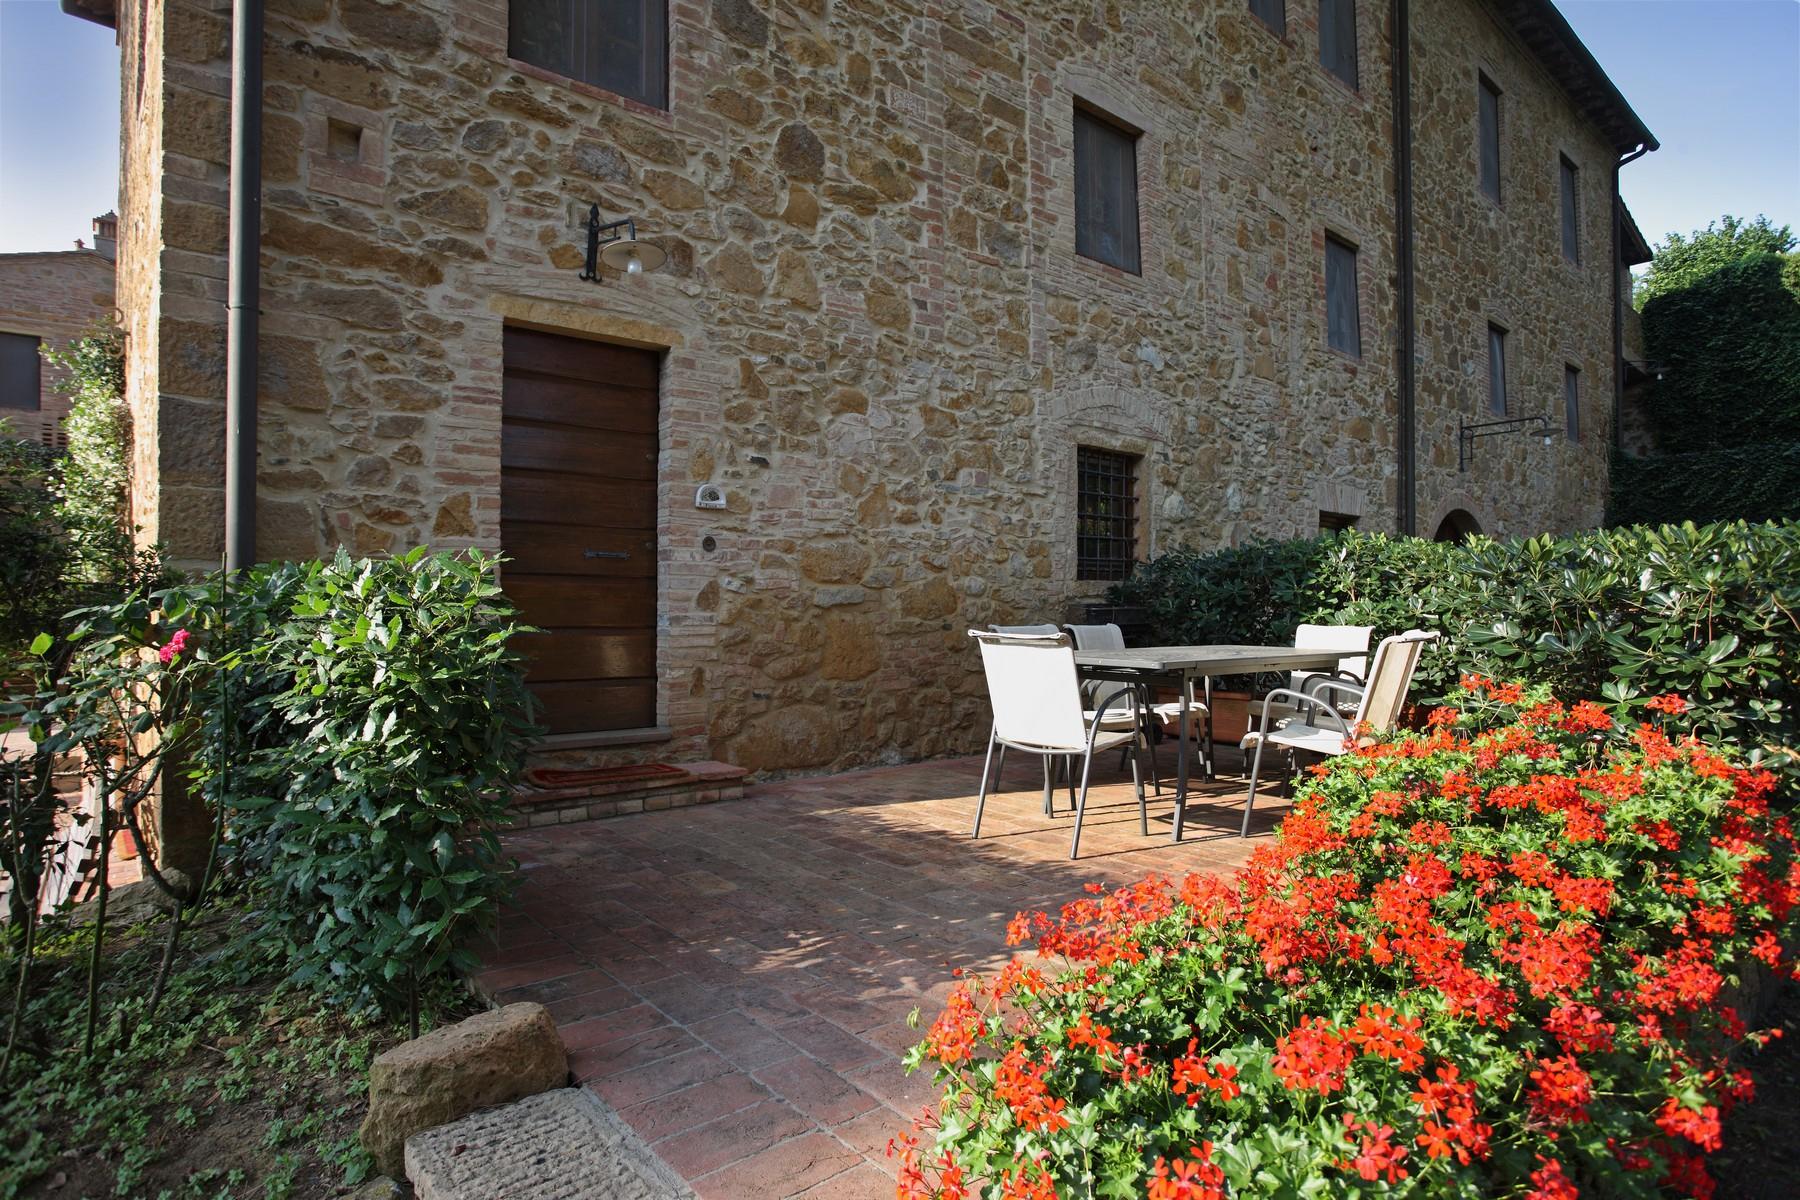 Rustico in Vendita a Montaione: 5 locali, 1200 mq - Foto 29